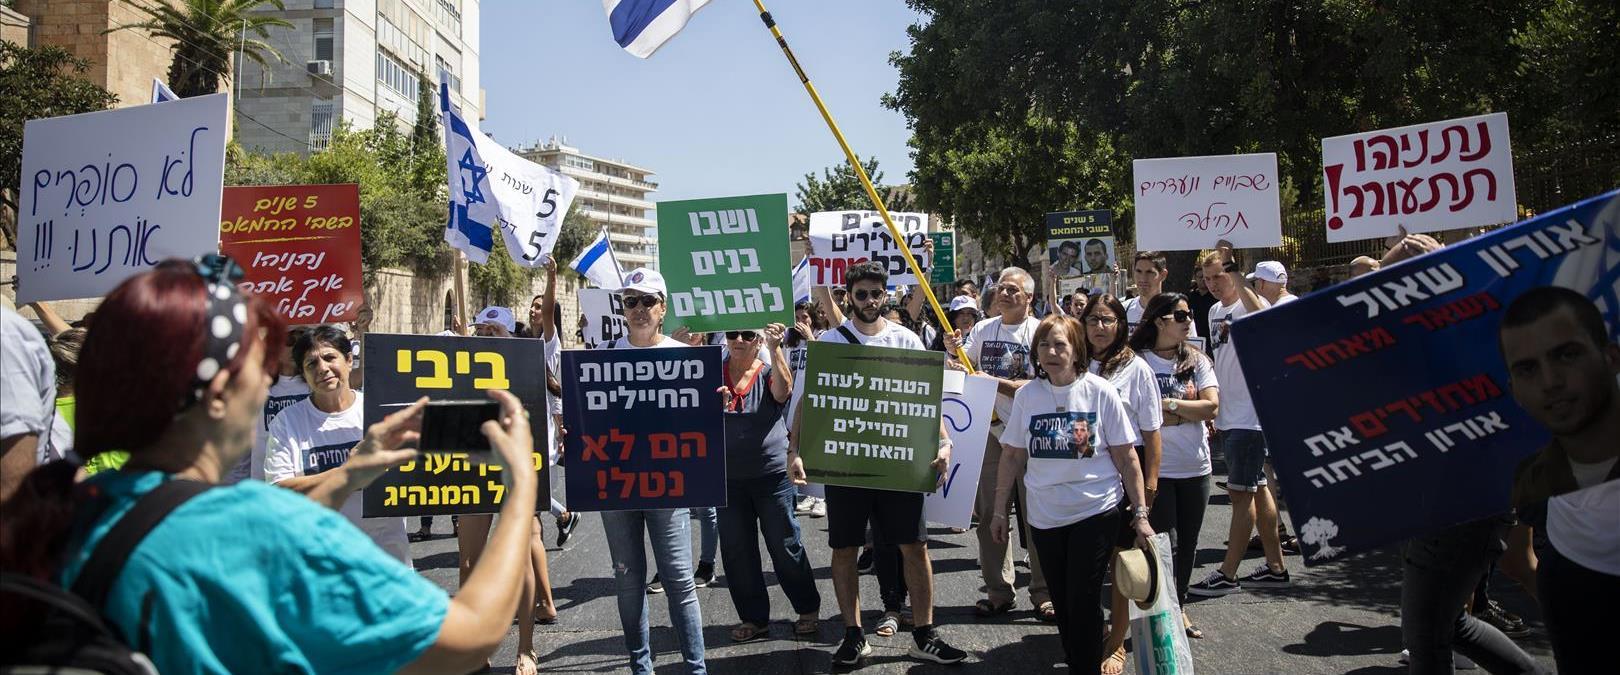 הפגנה להחזרת גופות גולדין ושאול, אוגוסט 2019